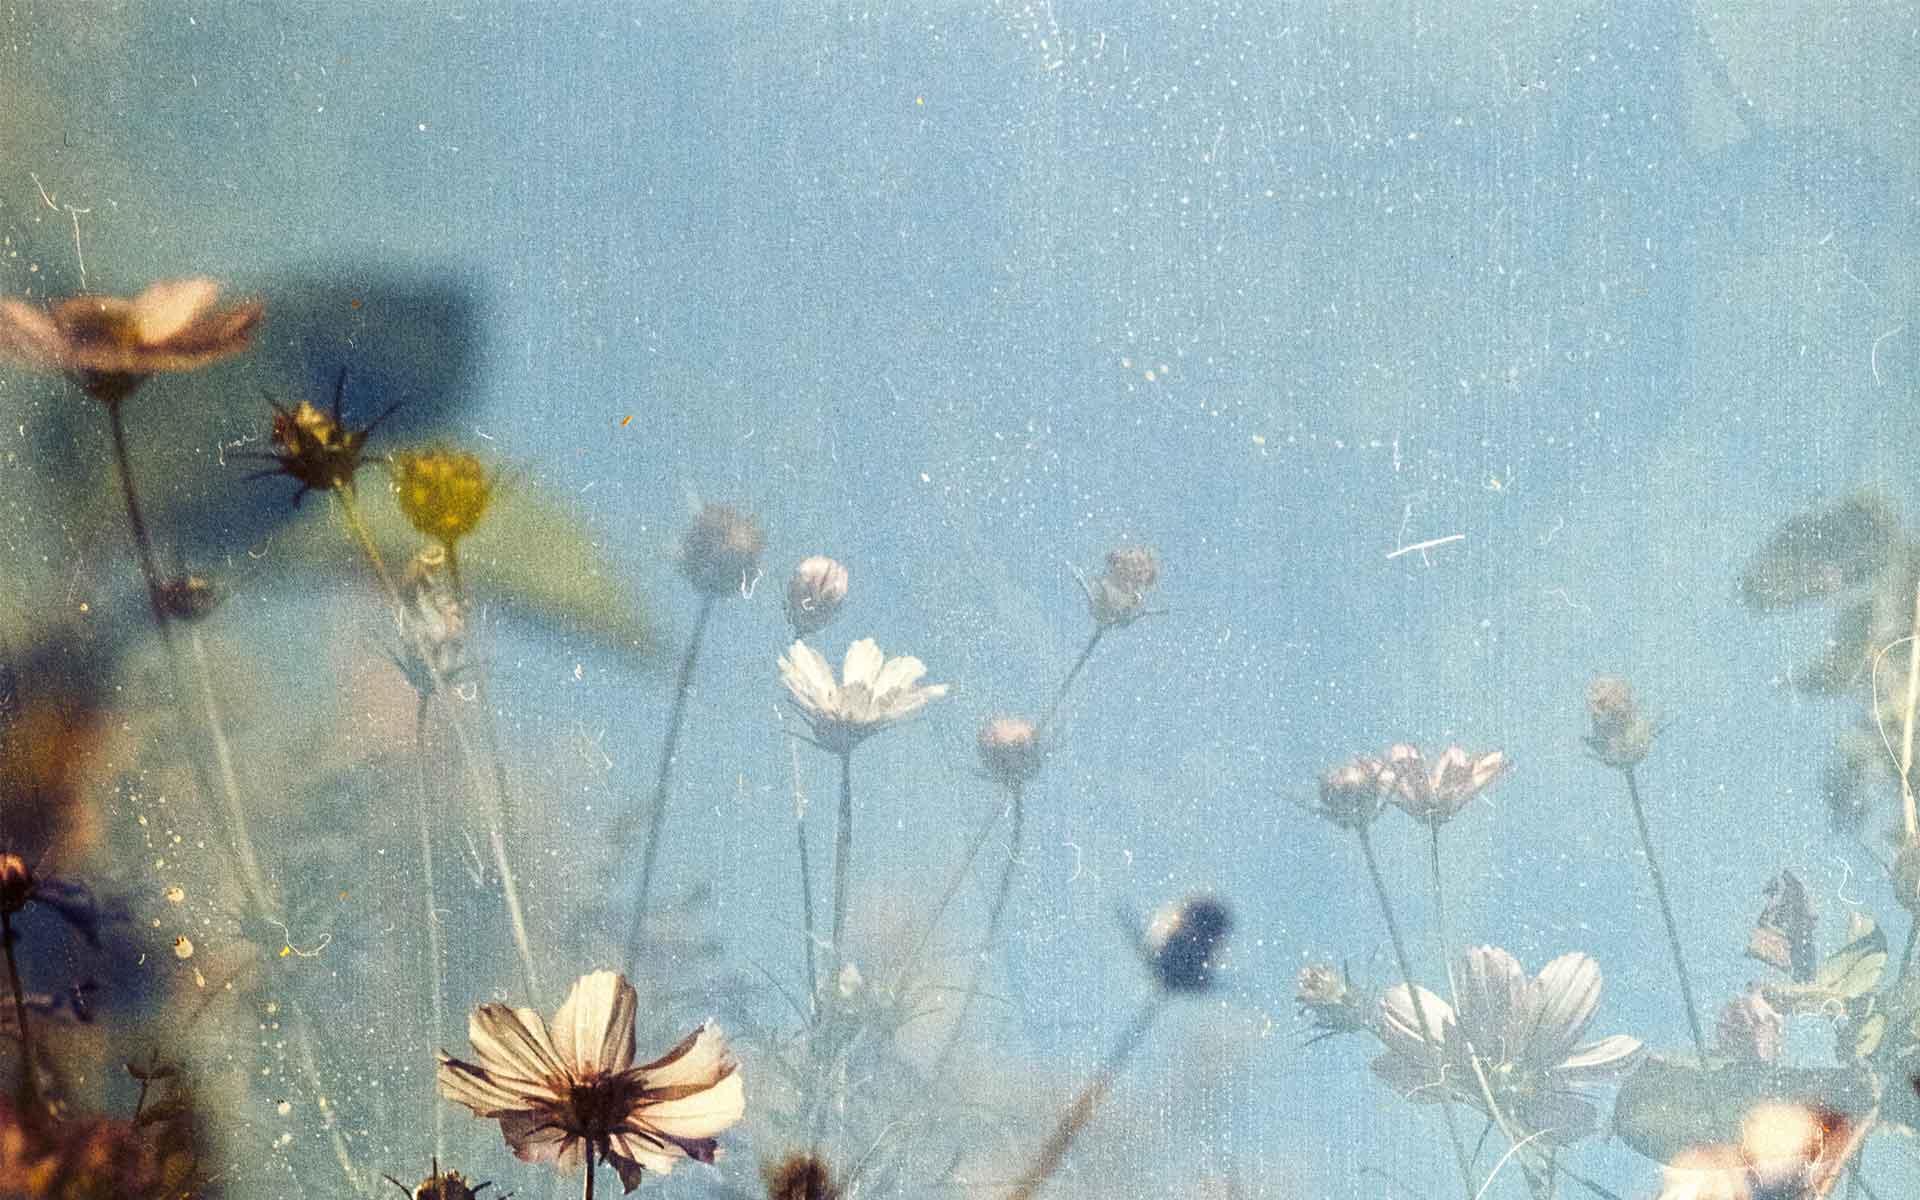 flowery dreams - Duplicate